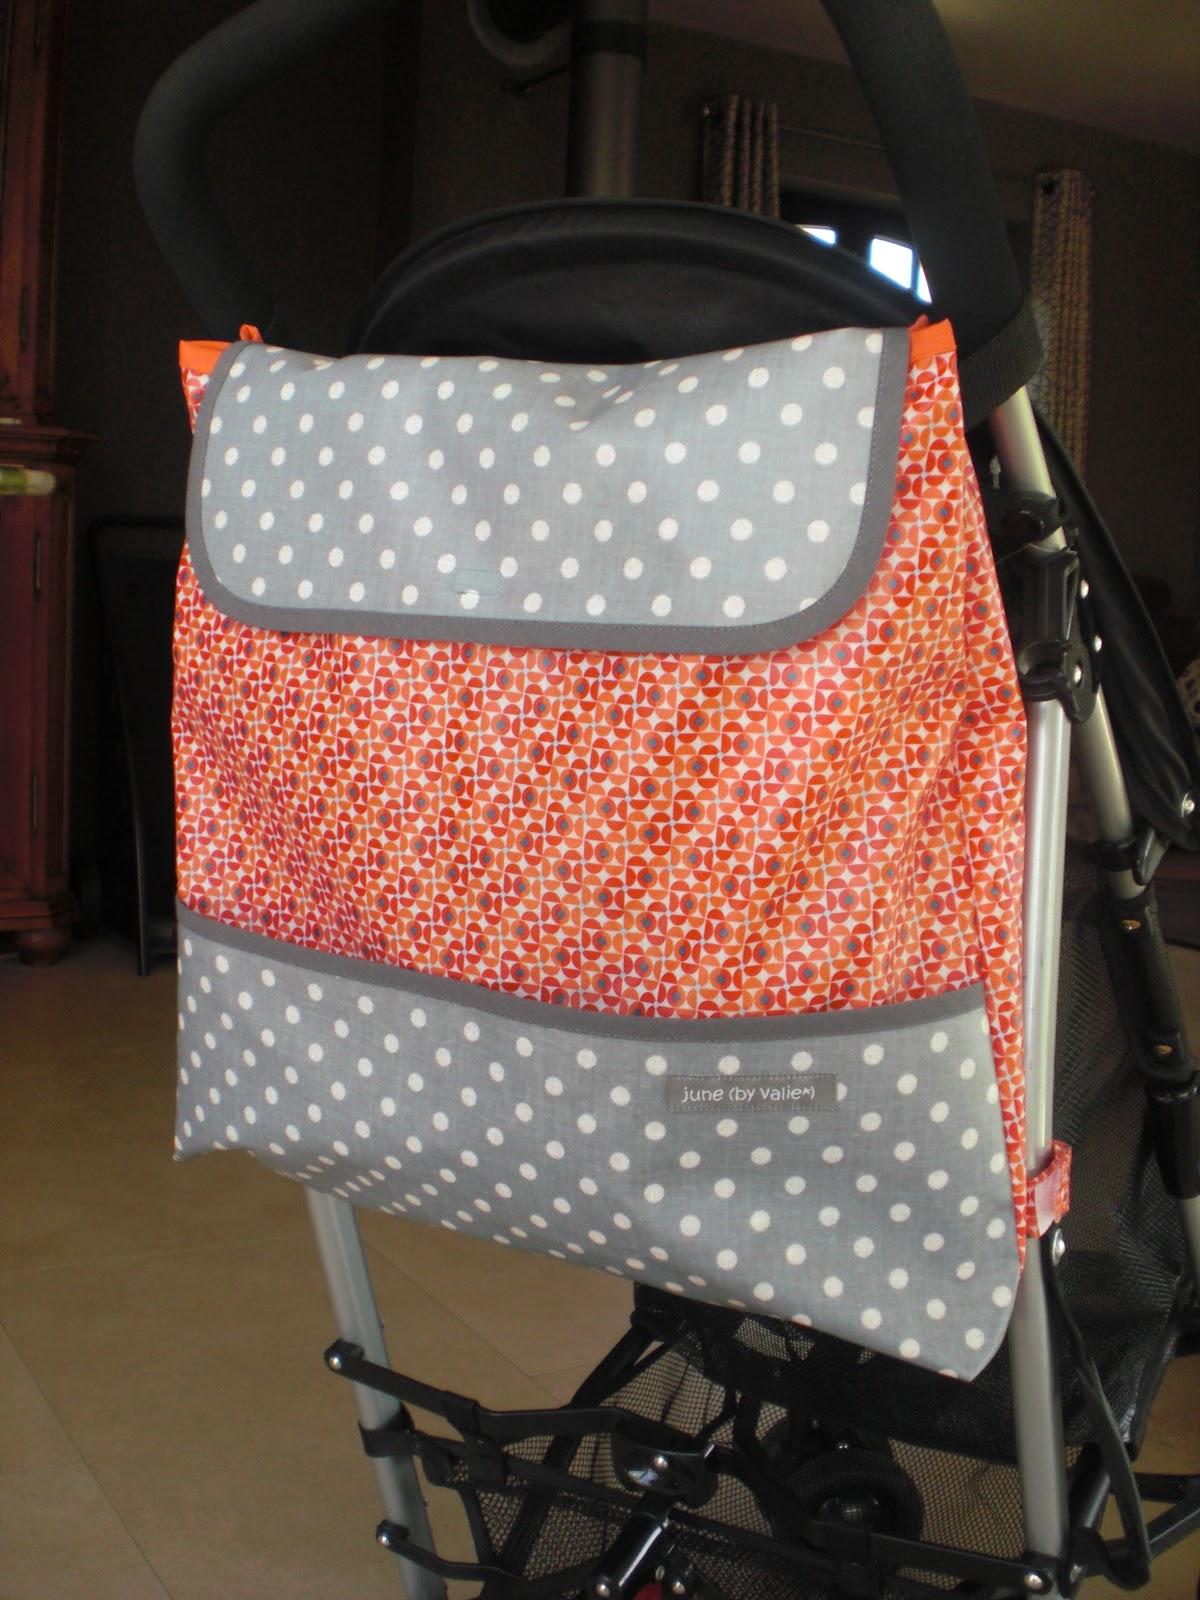 june by valie sac de poussette pour ad le. Black Bedroom Furniture Sets. Home Design Ideas